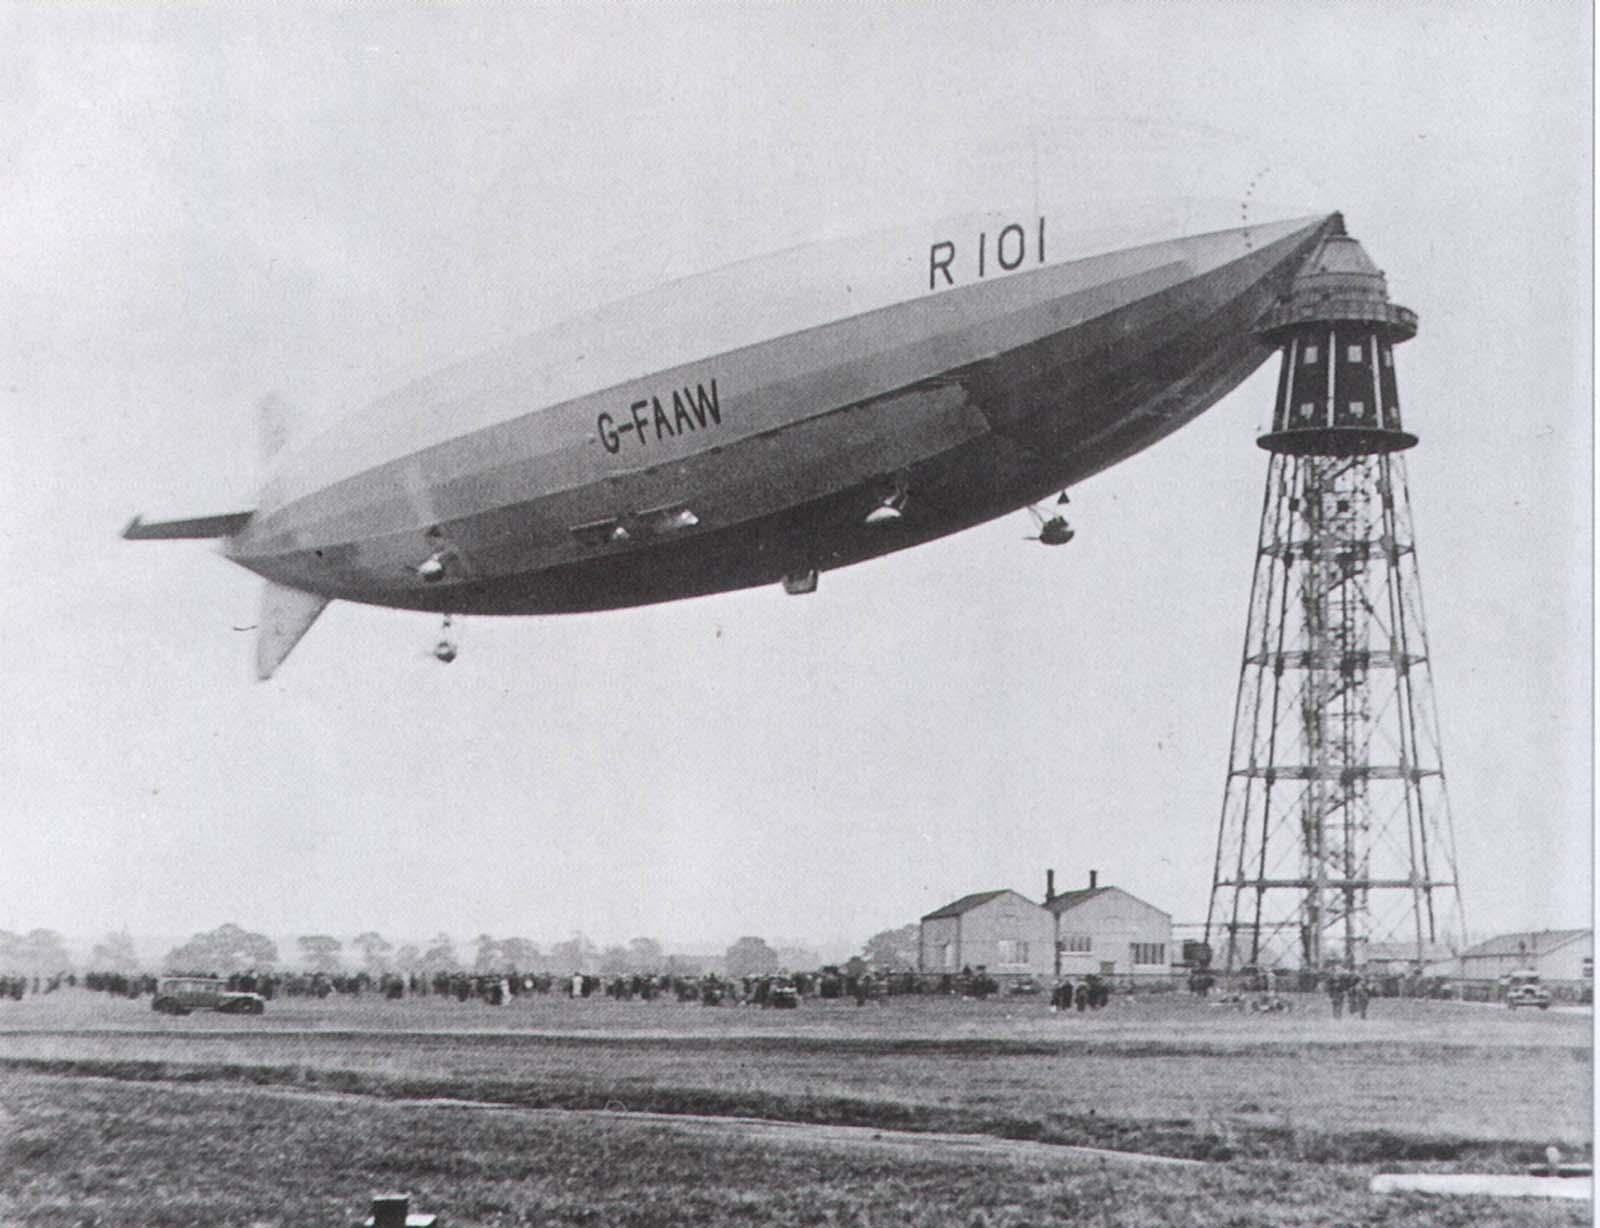 El R-101 amarrado aquí era la nave más grande del mundo (hasta el Hindenburg) y se estrelló en su viaje inaugural, matando a 48 de los 54 a bordo. El accidente efectivamente terminó el naciente programa de aeronave británica.